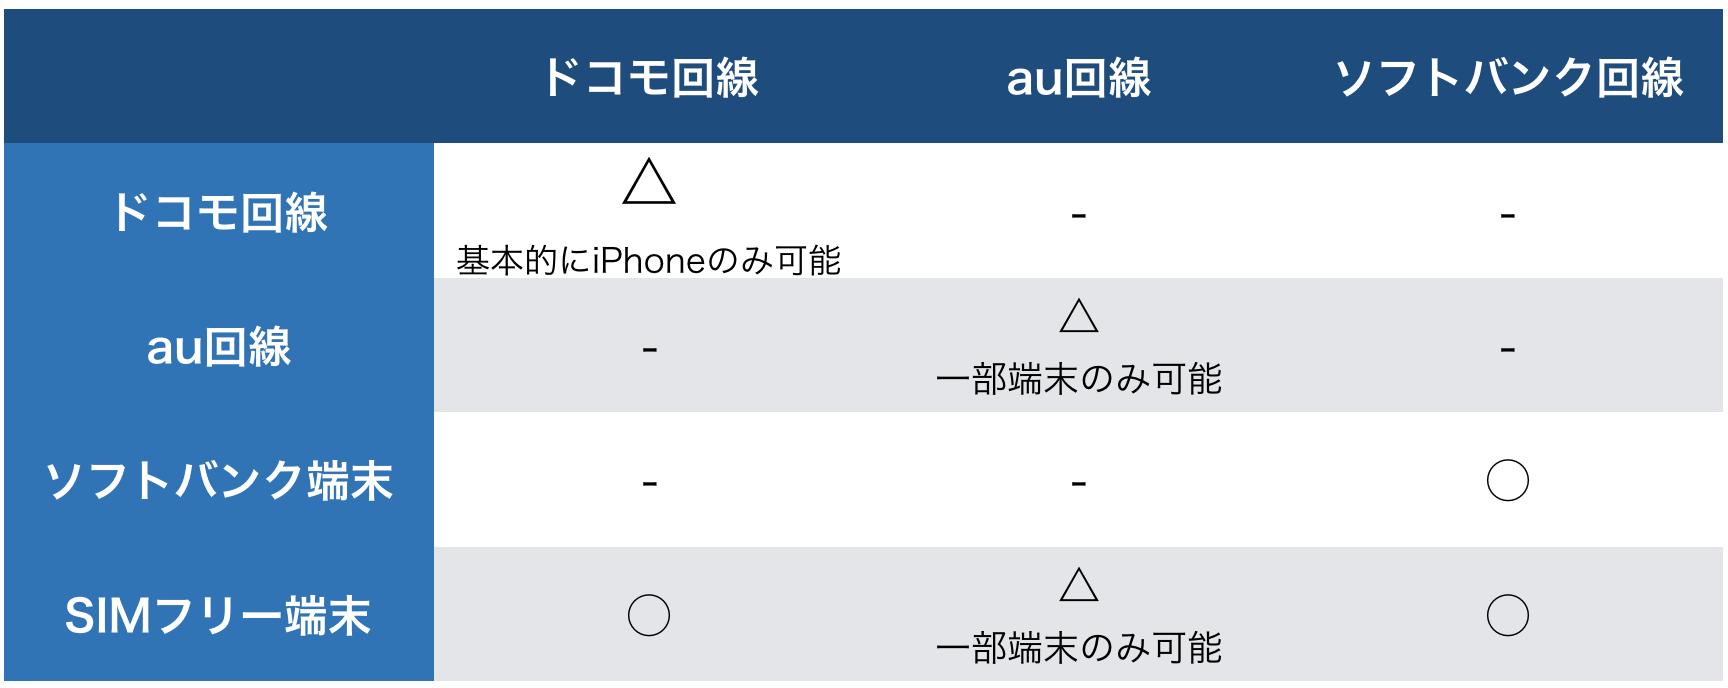 格安SIMでデザリングが可能な回線一覧